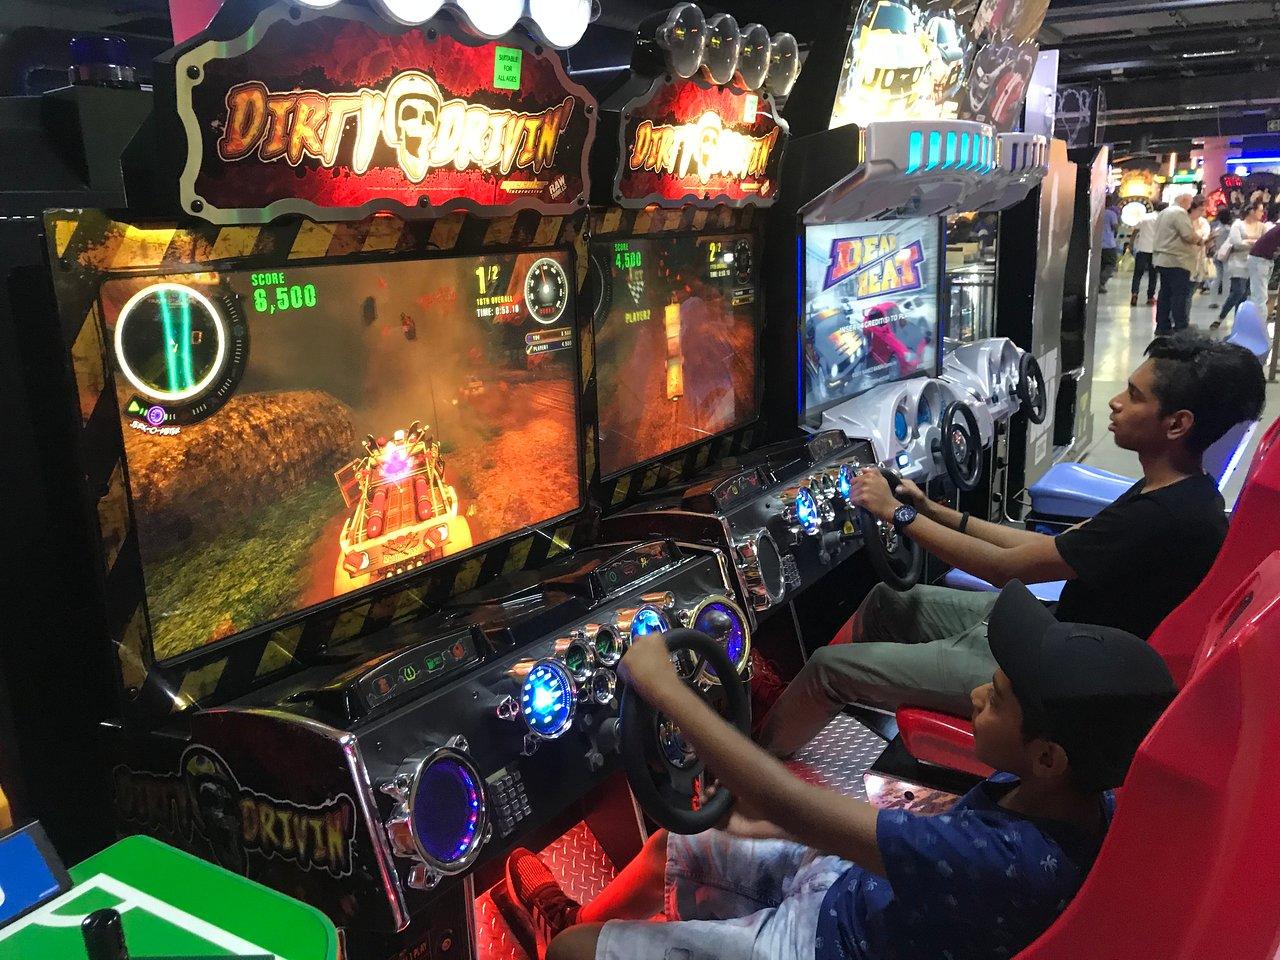 Roller derby spelautomater på nätet